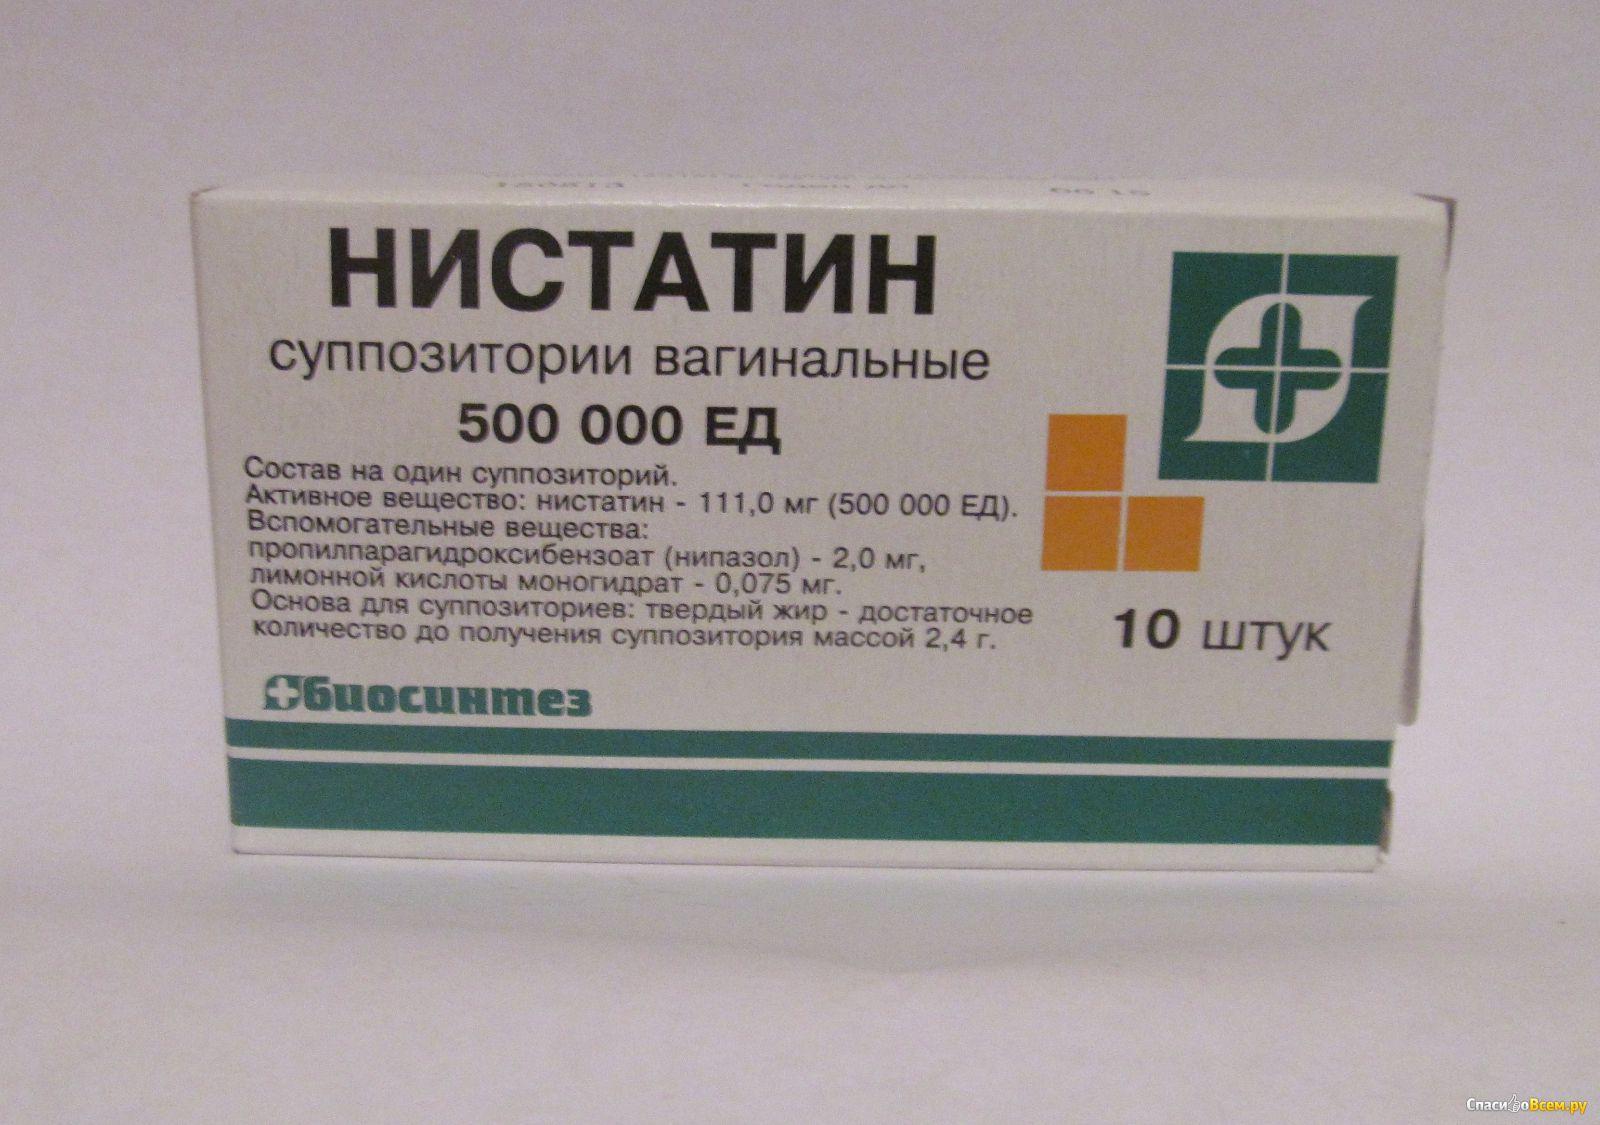 нистатин таблетки инструкция по применению